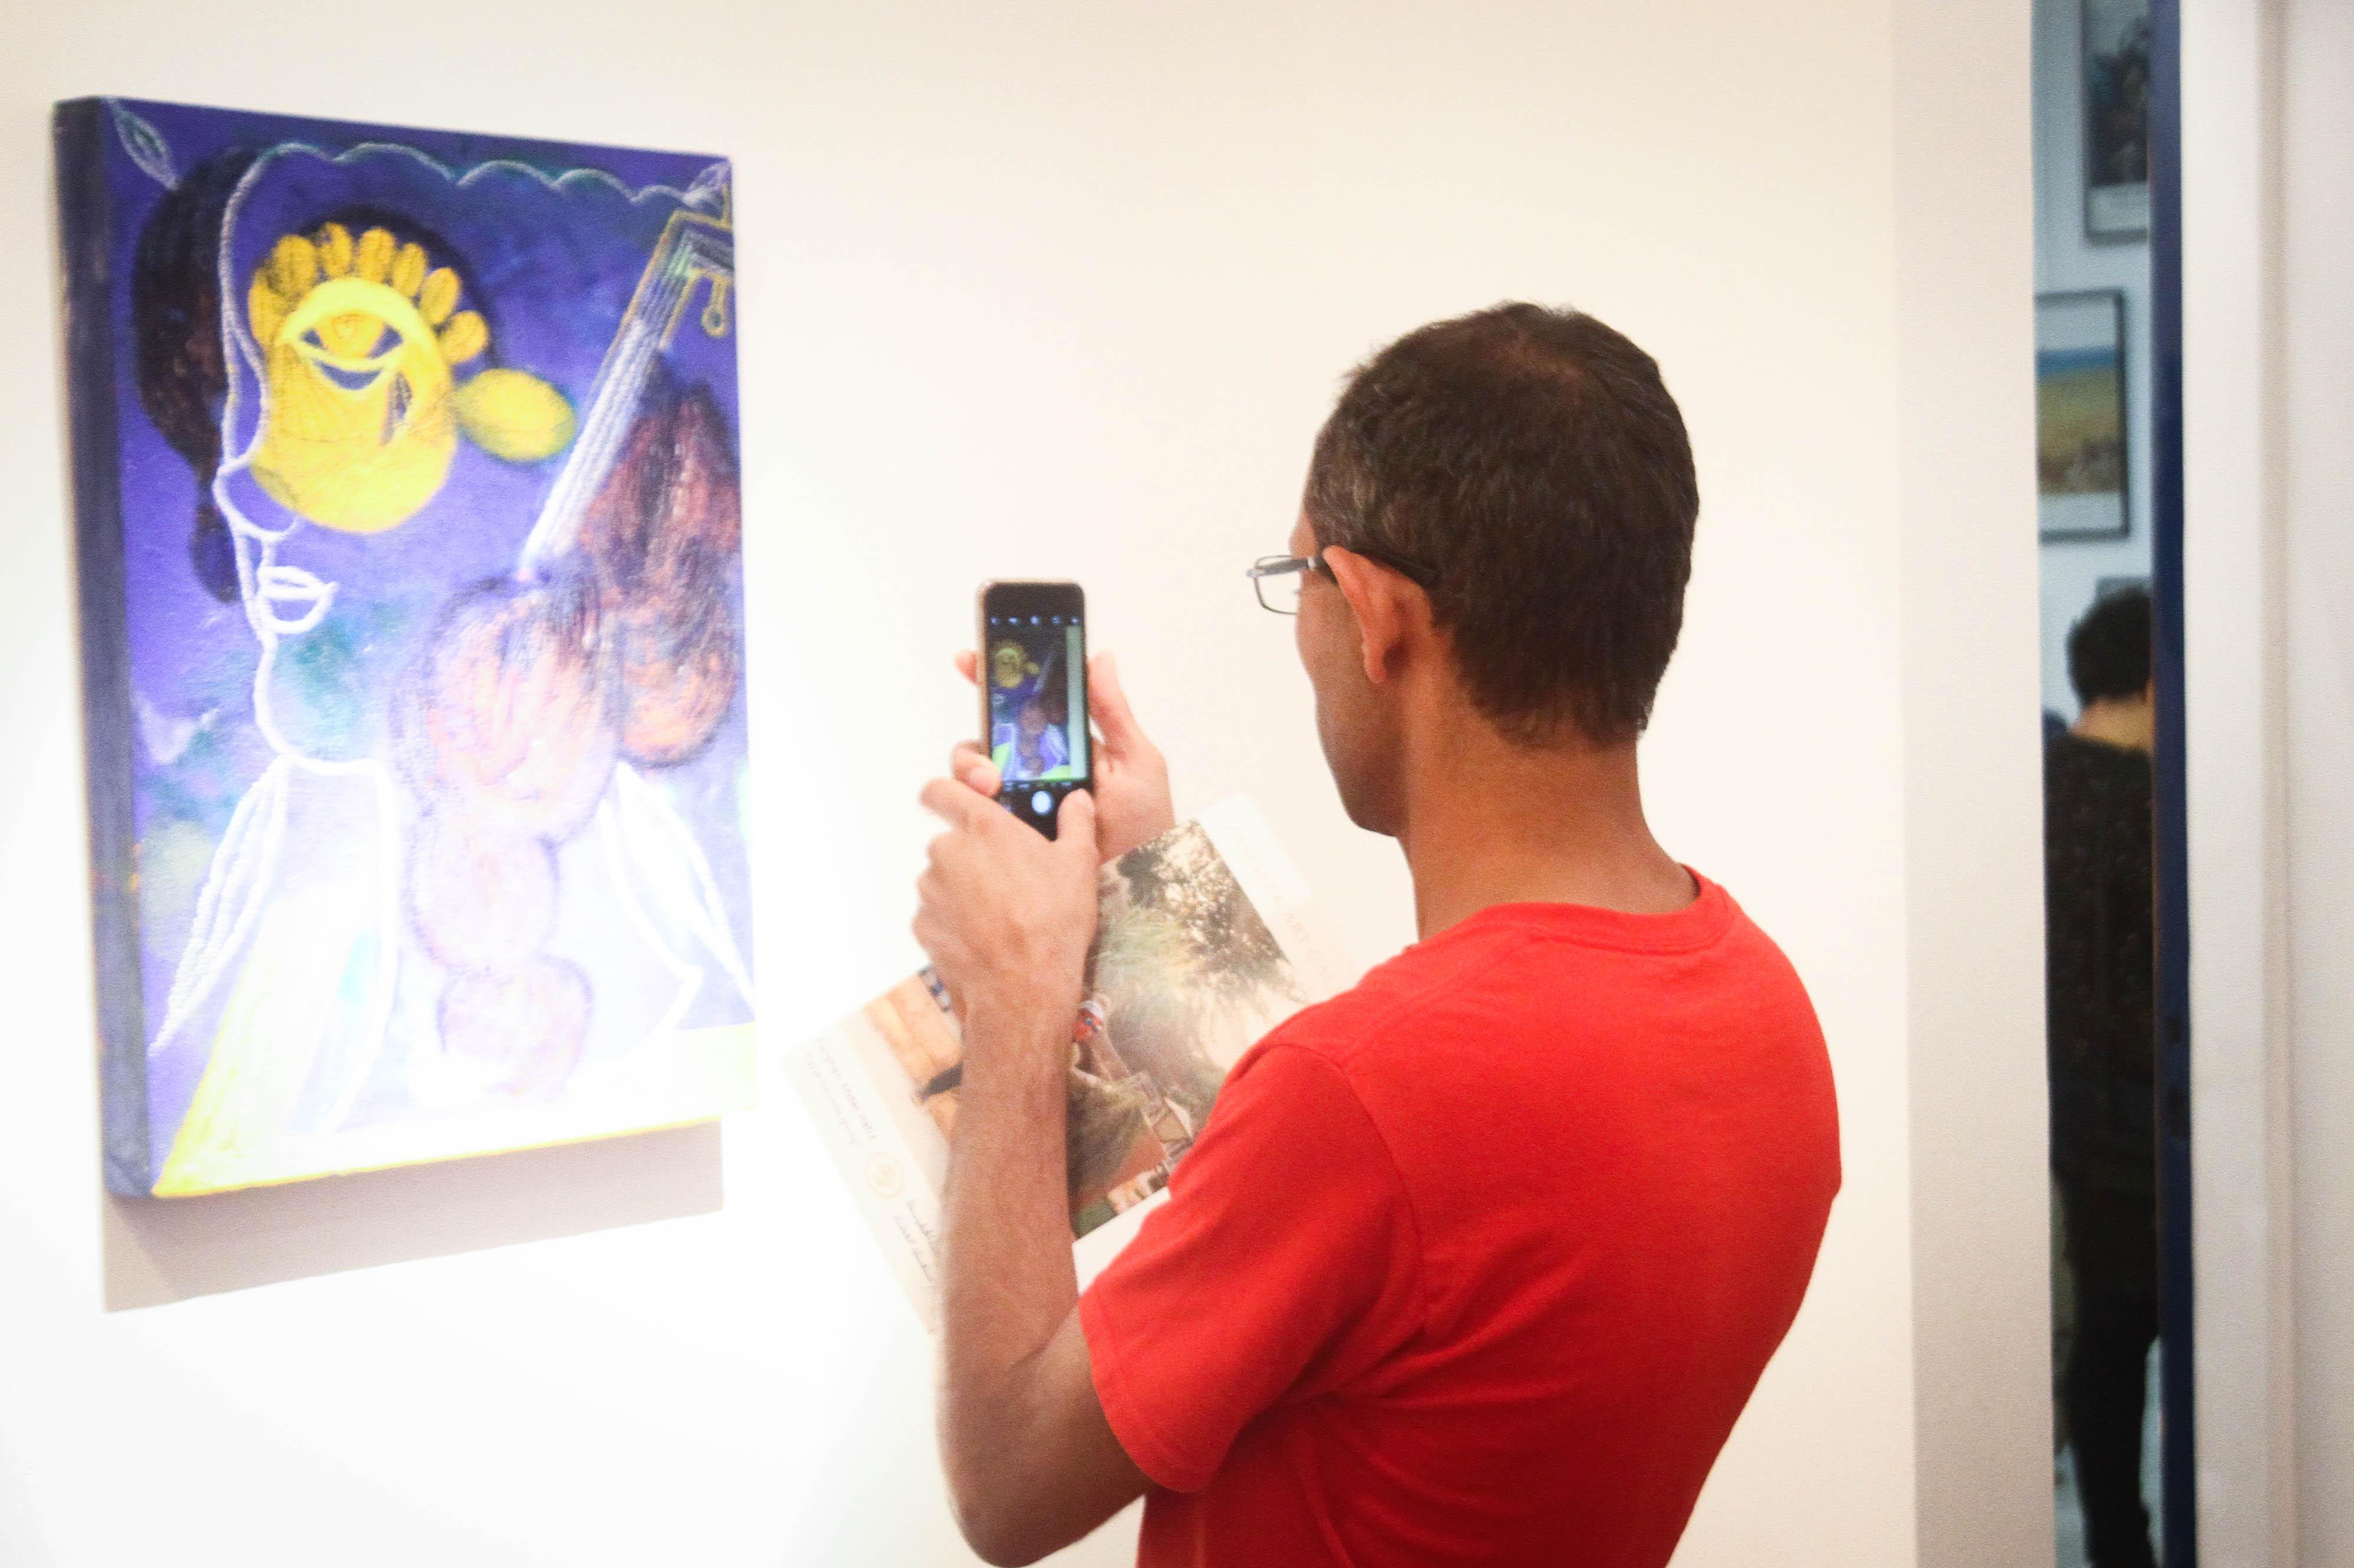 معرض مصر ستعاود العطاء للفنان فرغى عبد الحفيظ (5)